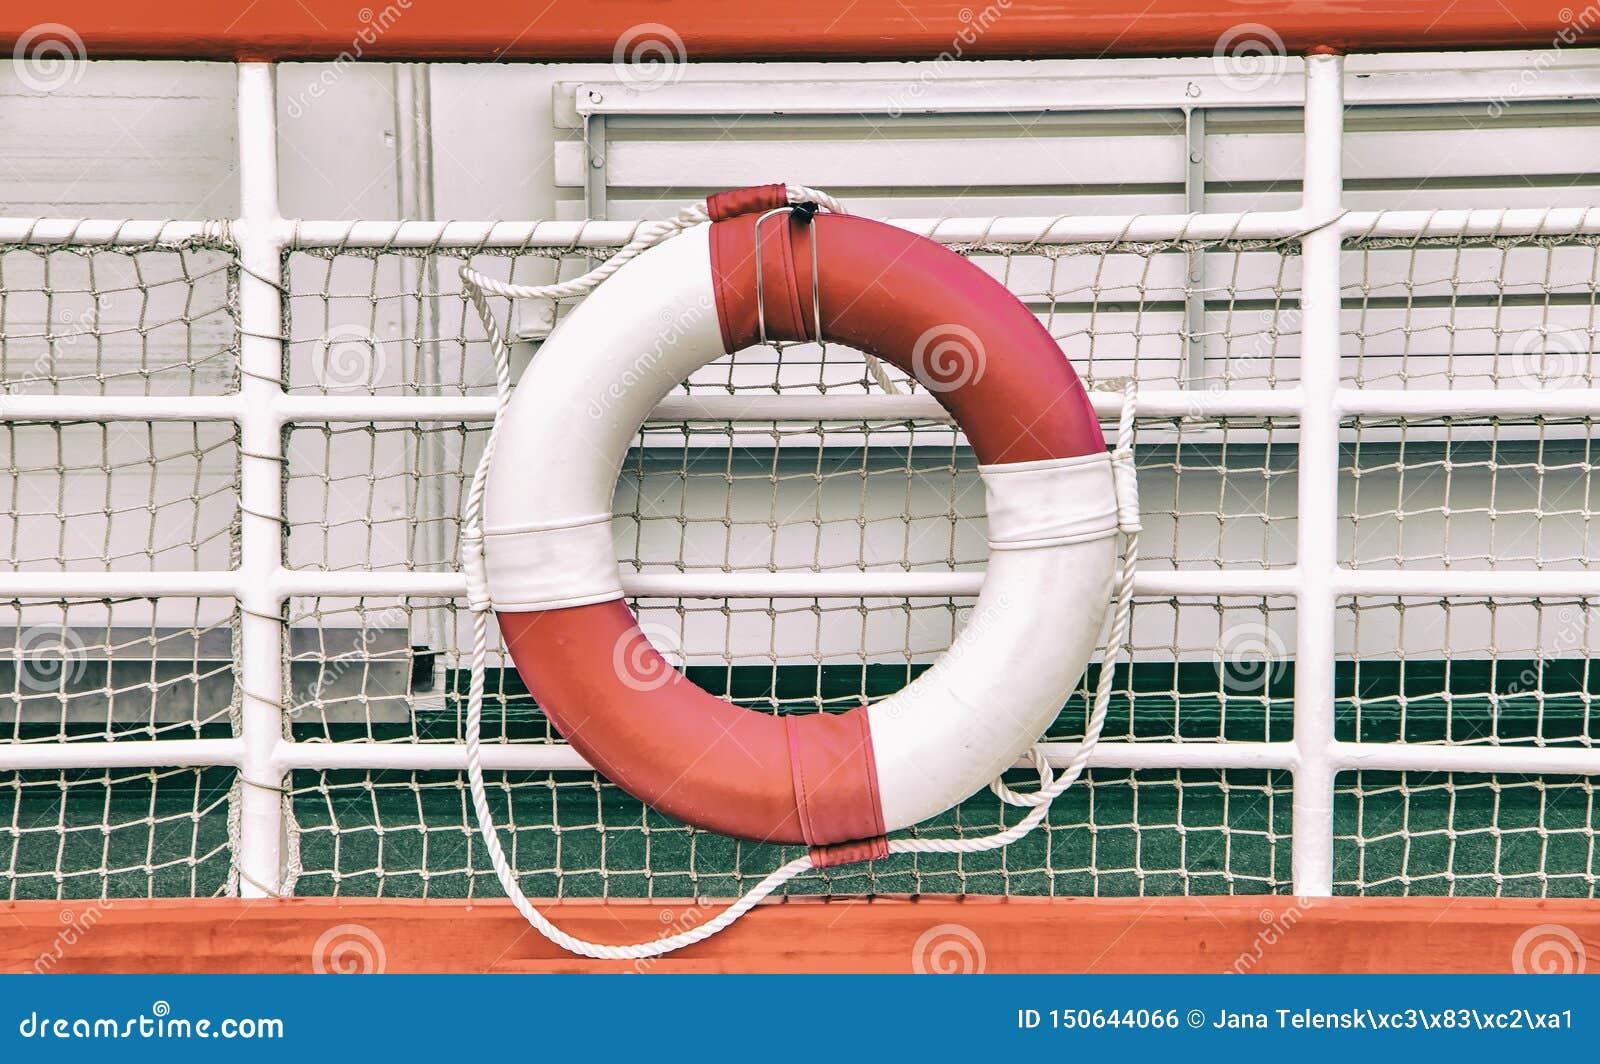 Rocznika tło z ratowniczym okręgiem na łodzi Lifebuoy wspina się na statku